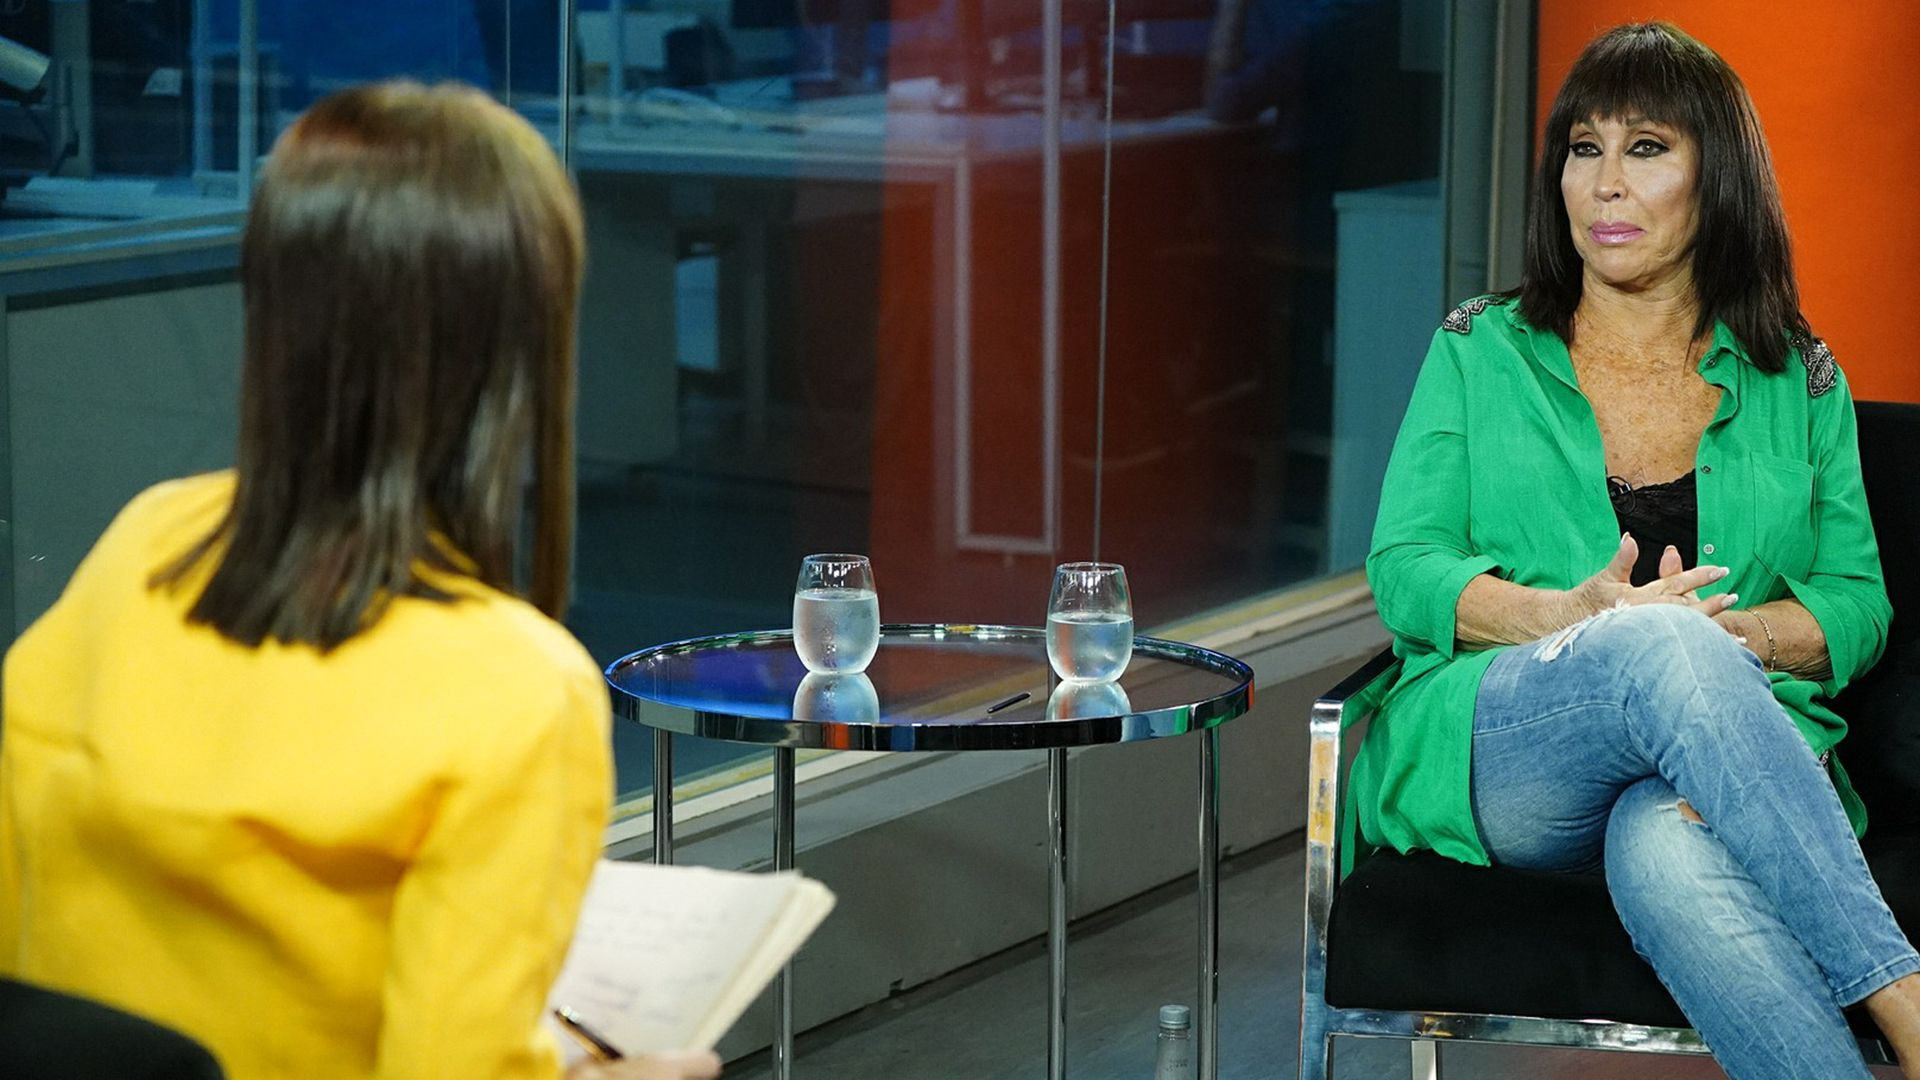 Entrevista Moría Casan y María Laura Santillán - Infoabe 12/10/21